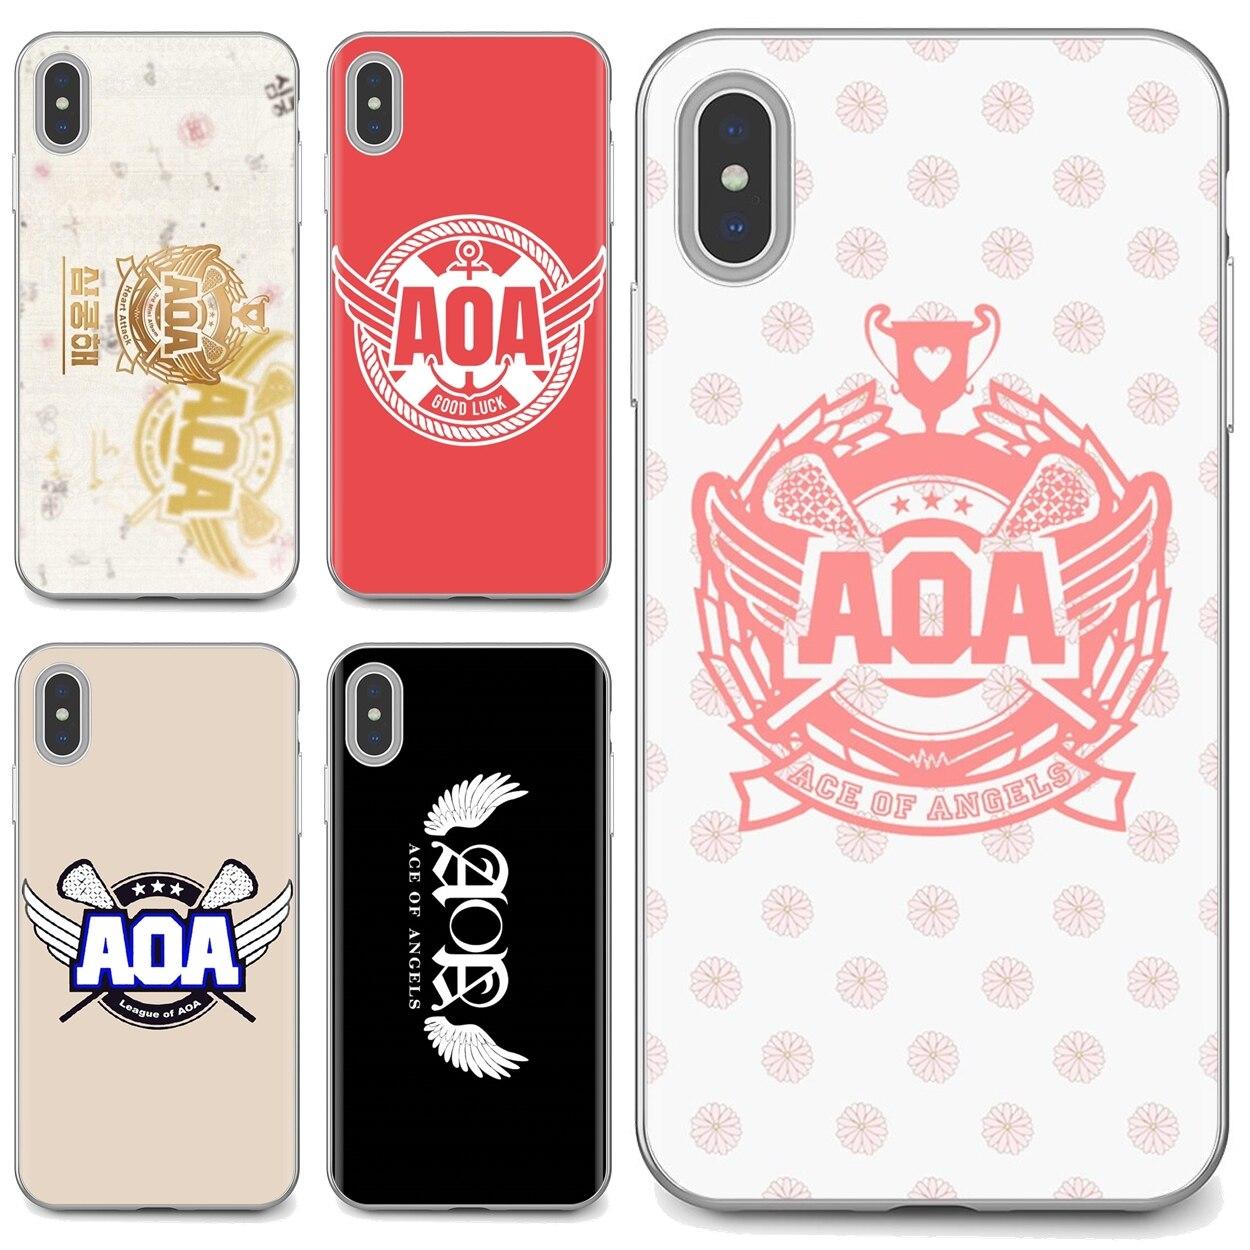 Asa ace of angels logotipo KPOP coreano para Huawei Honor Y5 2018 2019 8S 9X Pro 20 10 10i Lite colorido de la caja del teléfono de silicona